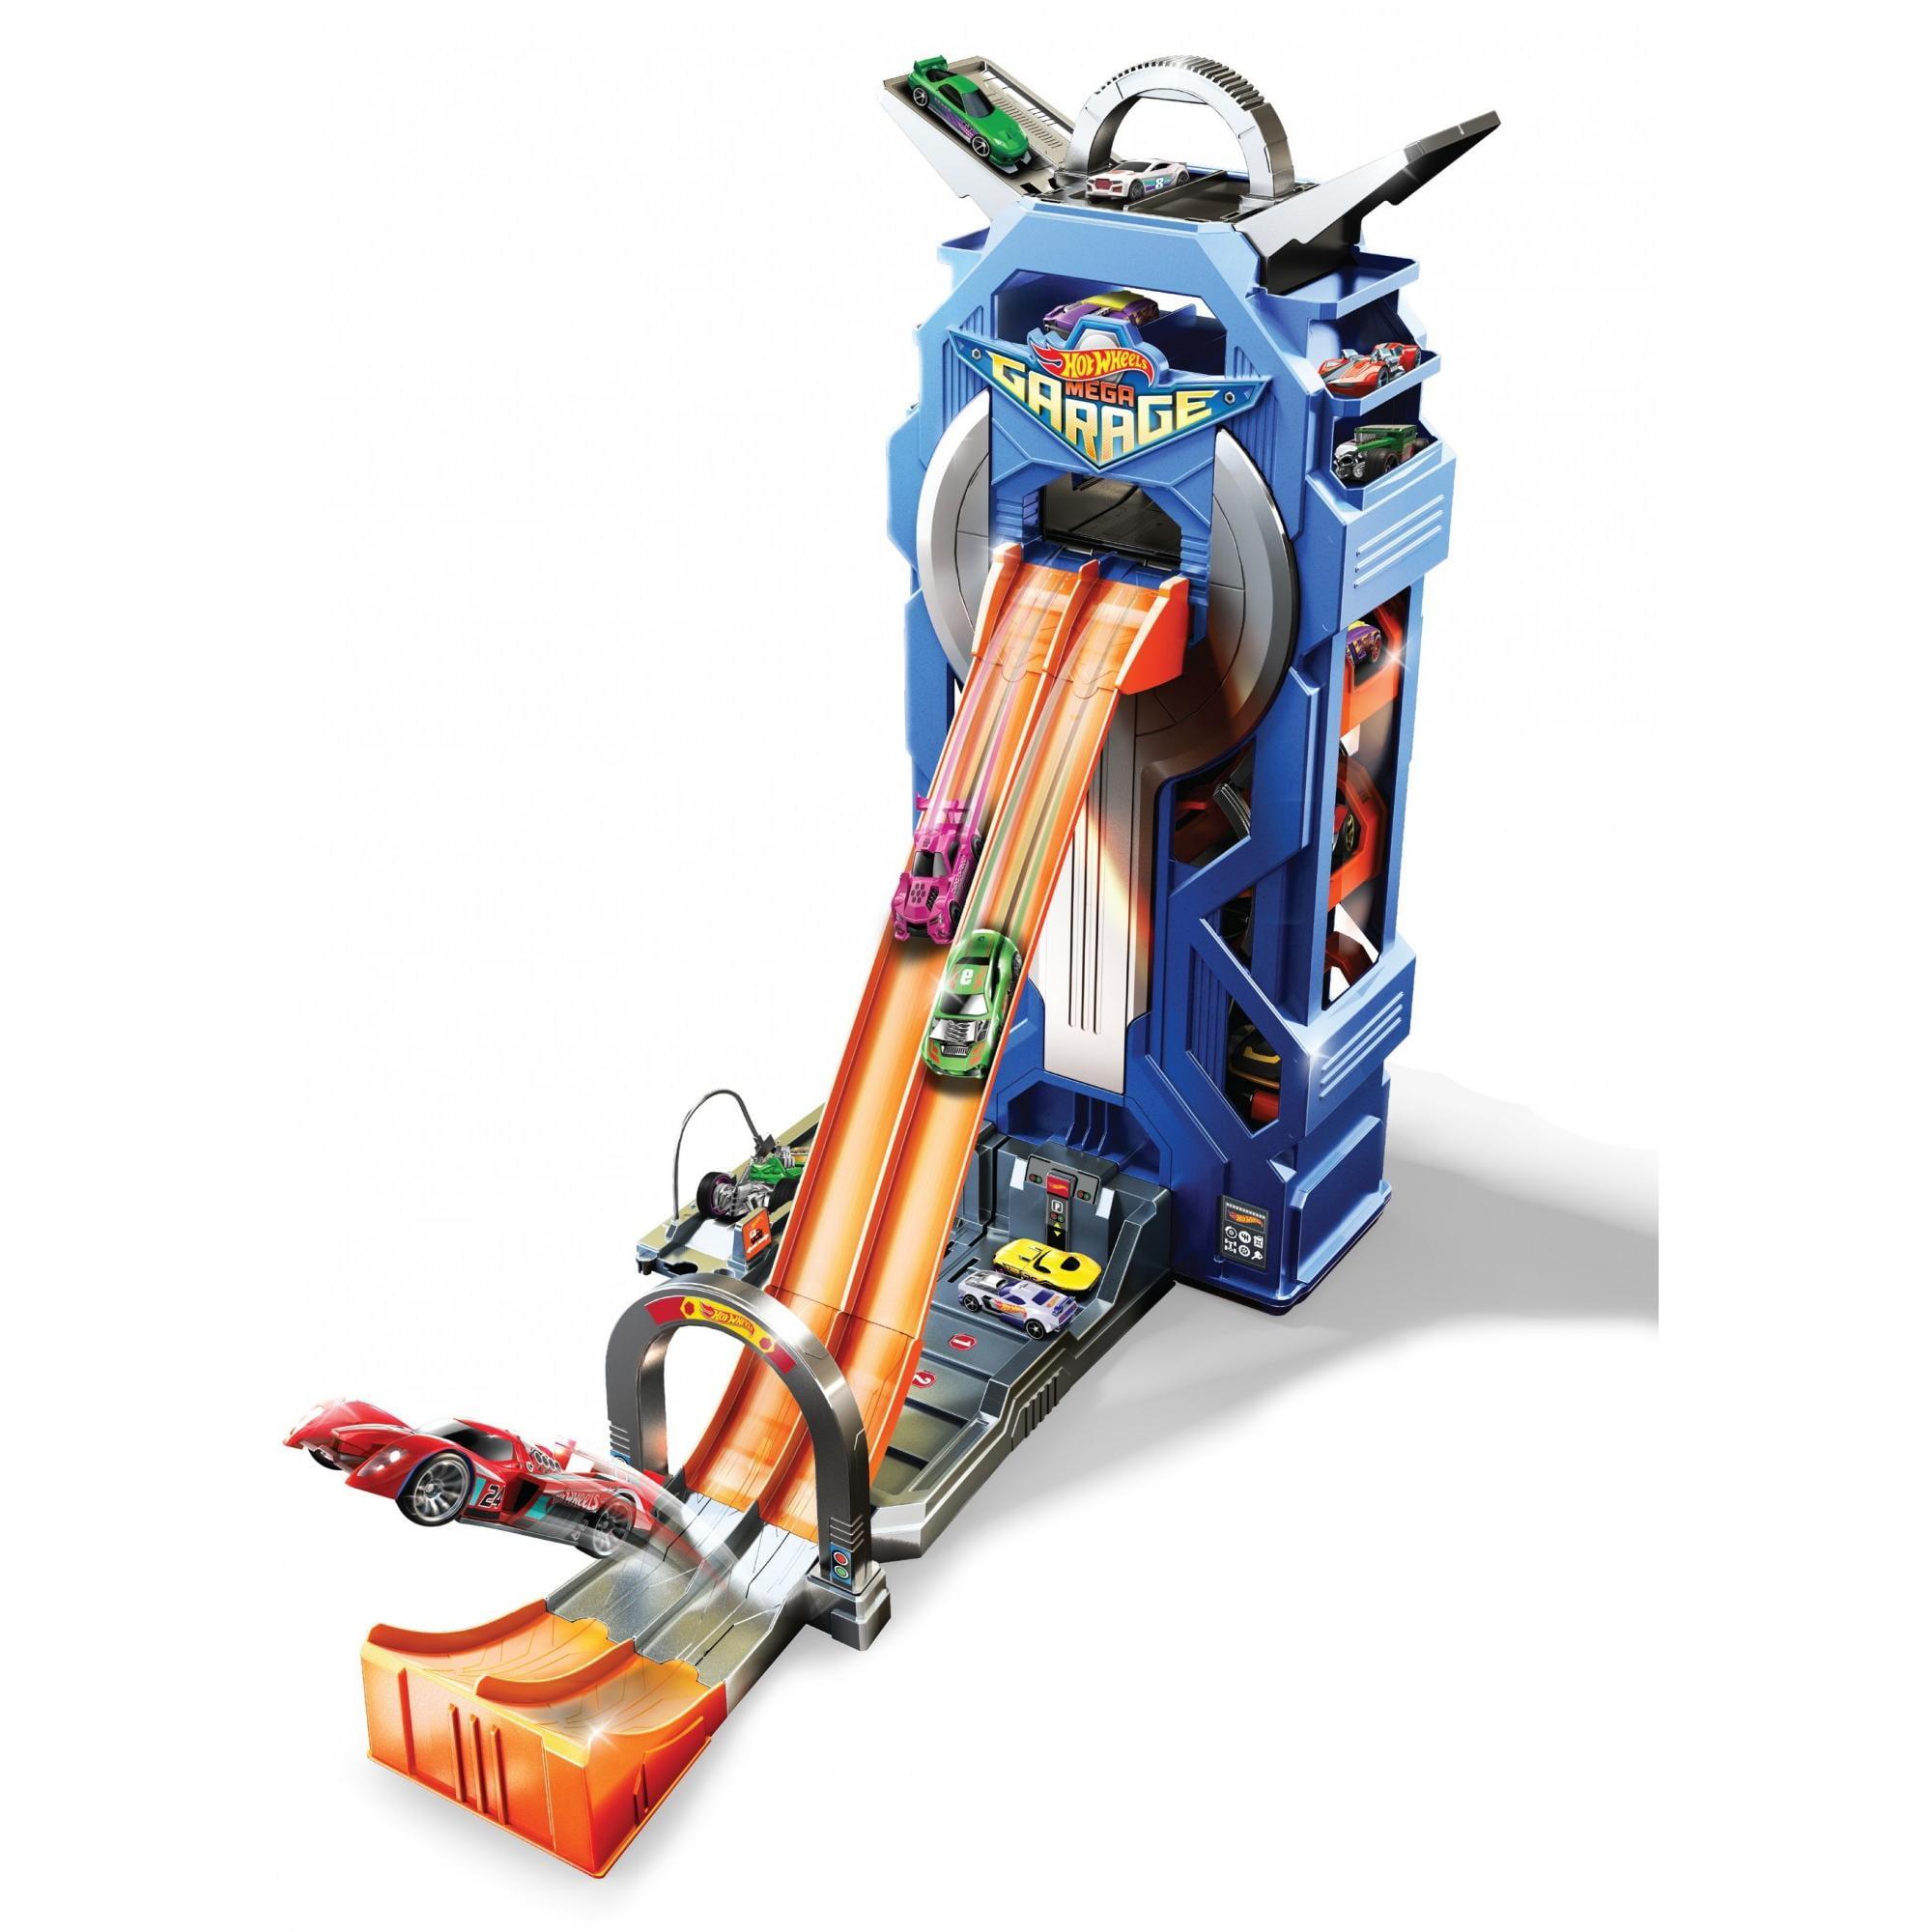 15d5fb5e55966 Hot Wheels Mega Garage Playset - Walmart.com